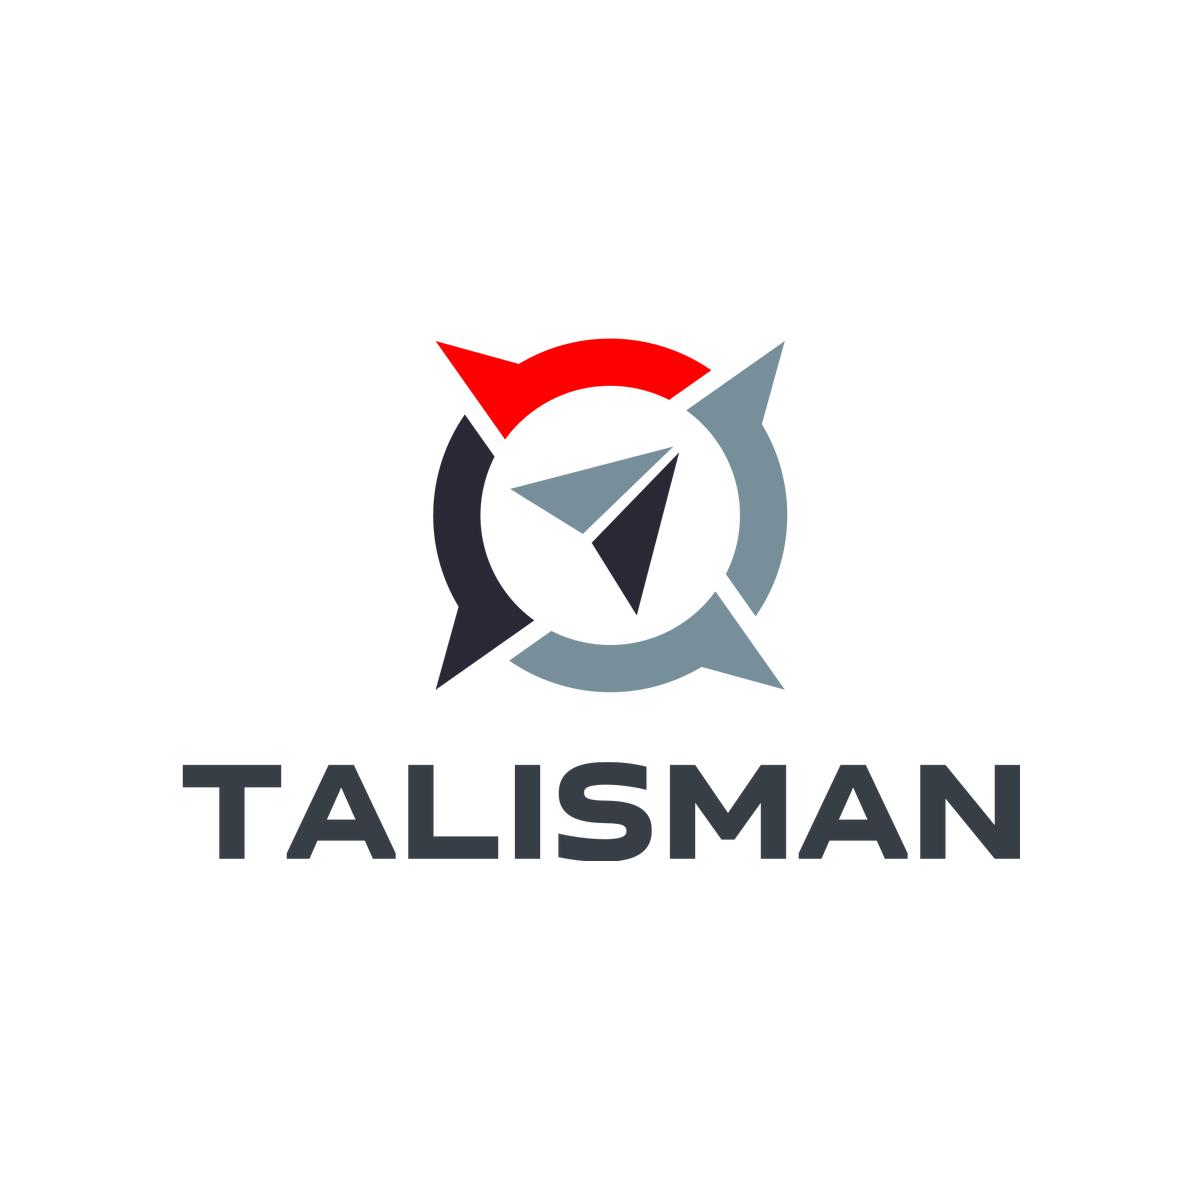 TALISMAN